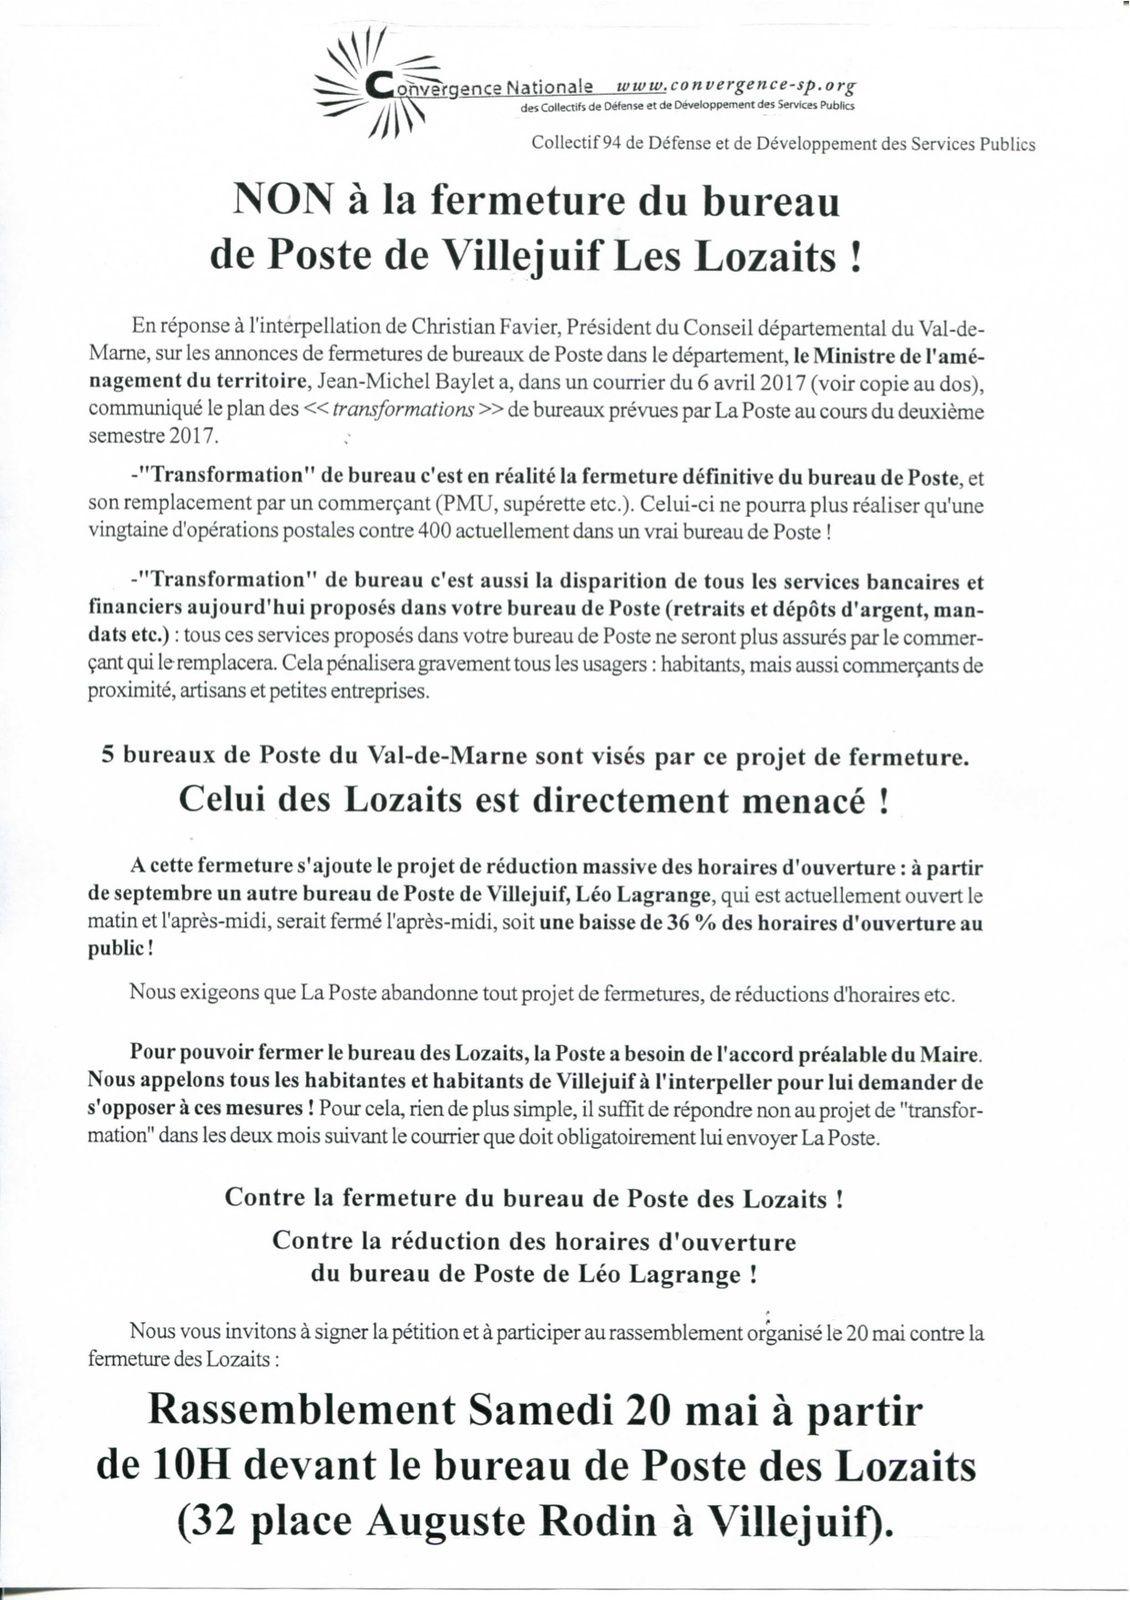 Poste Villejuif : Non à la fermeture de la Poste des Lozaits. Rassemblement 20 mai 10H